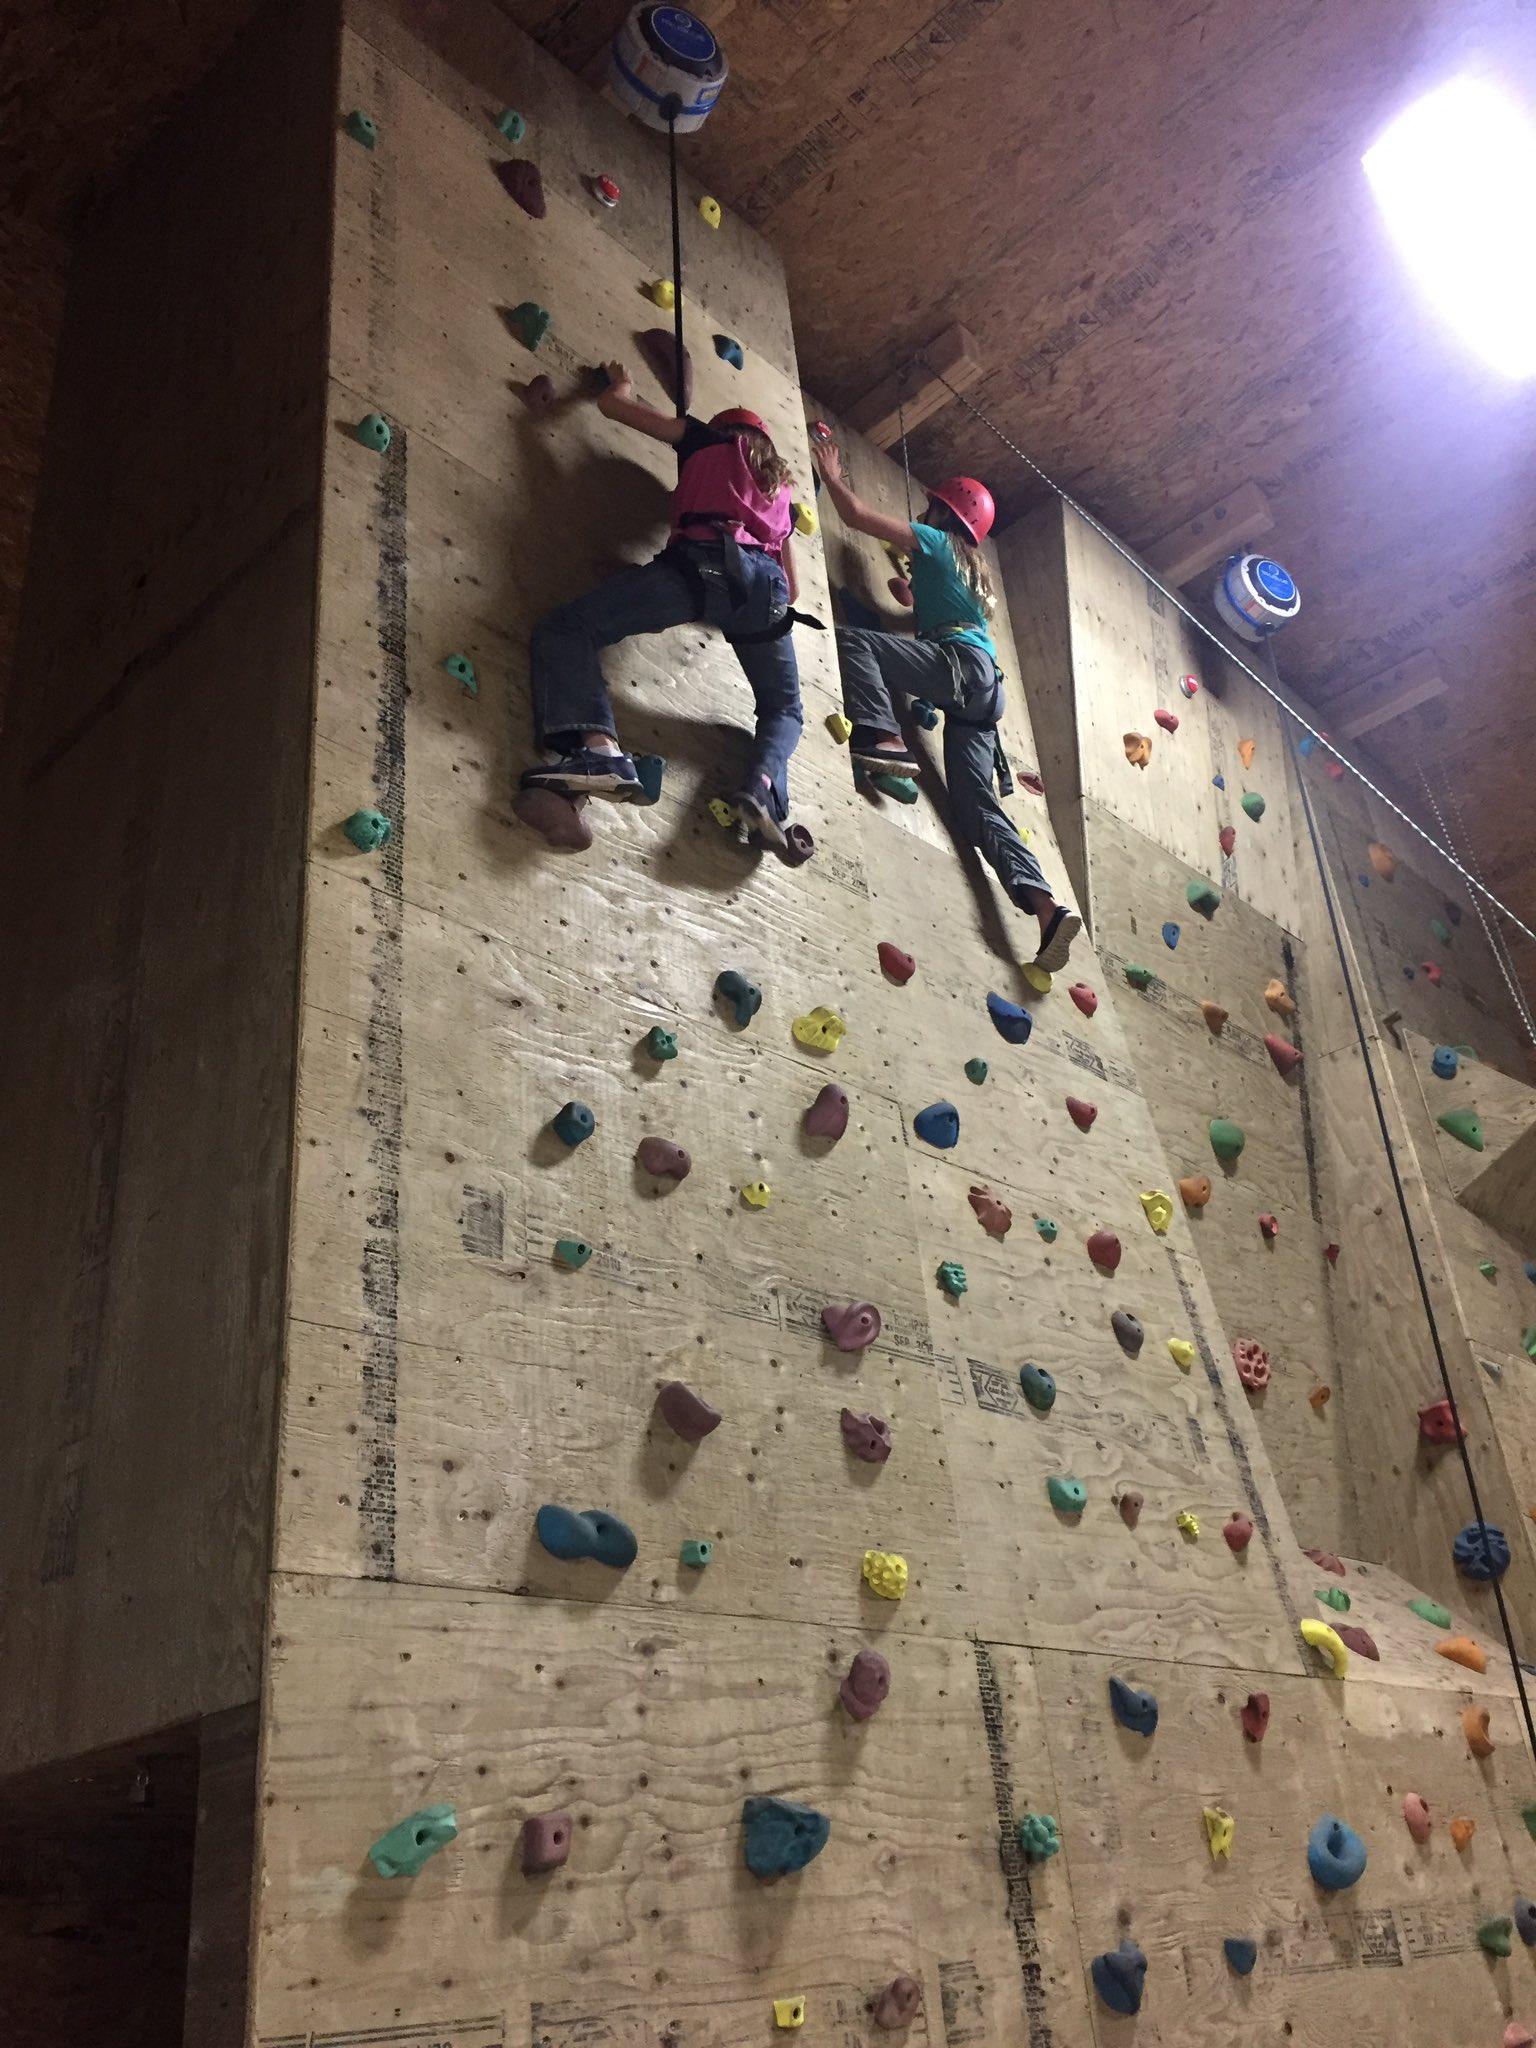 #donsch camping trip - wall climbing https://t.co/dxrhr9IGxz